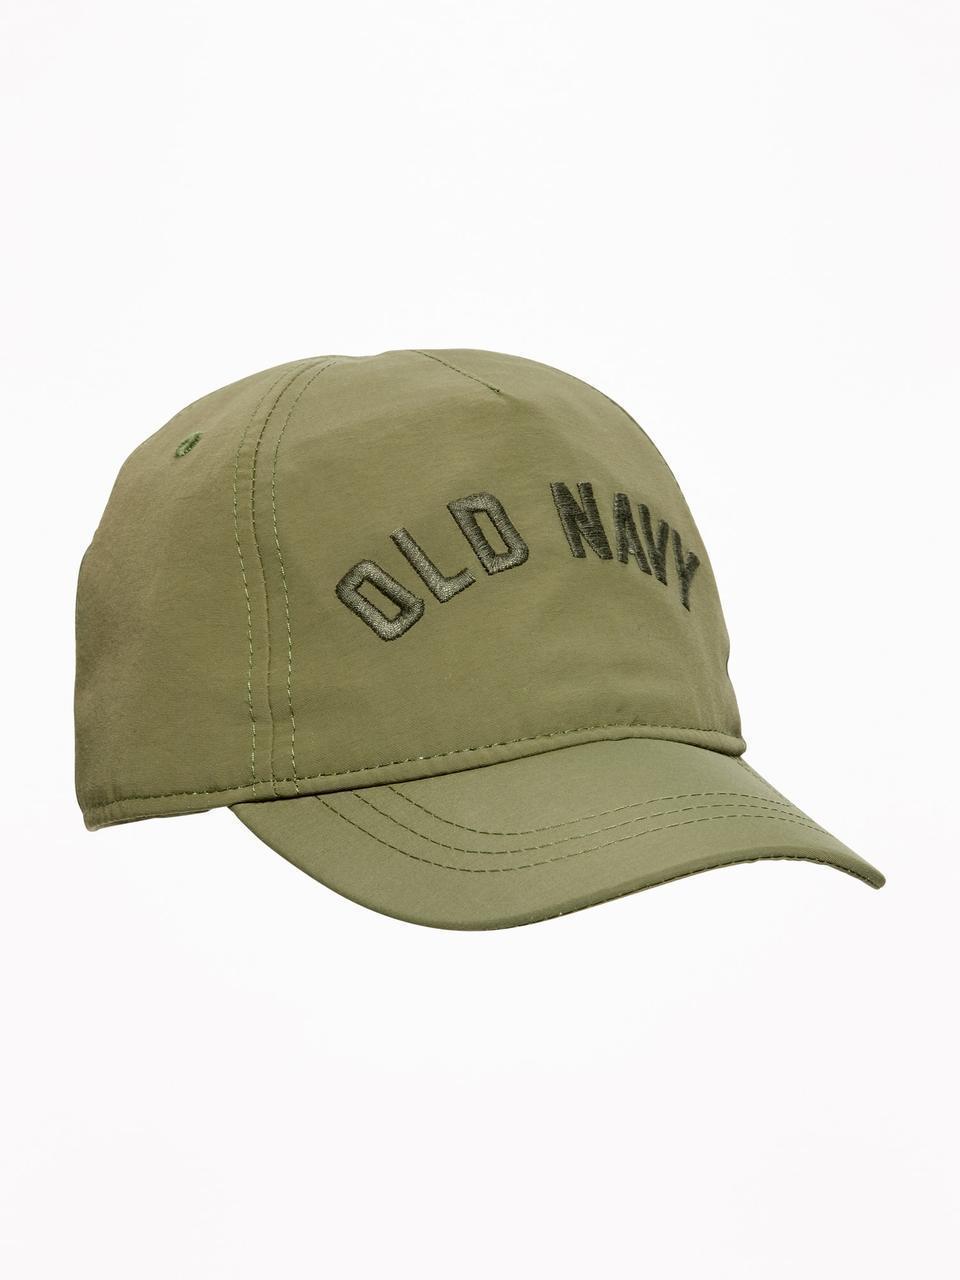 Детская нейлоновая кепка Олд Неви для мальчика